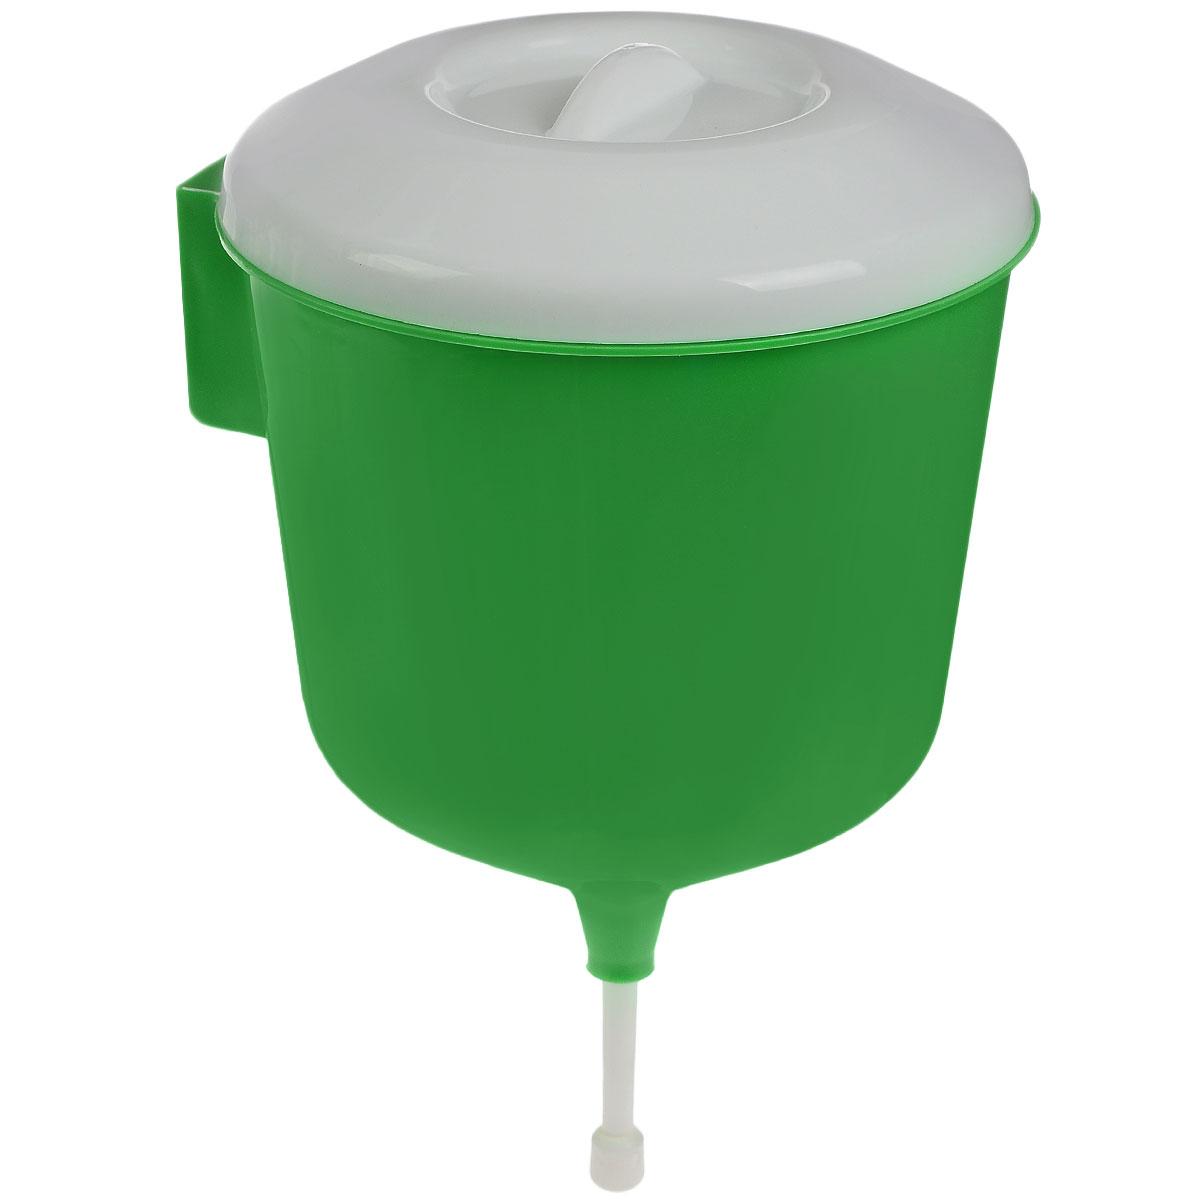 Рукомойник Альтернатива Дачник, цвет: зеленый, белый, 3 лМ1157_зеленыйРукомойник Альтернатива Дачник изготовлен из пластика. Он предназначен для умывания в саду или на даче. Яркий и красочный, он отлично впишется в окружающую обстановку. Петли обеспечивают вертикальное крепление рукомойника. Рукомойник оснащен крышкой, которая предотвращает попадание мусора. Рукомойник Альтернатива Дачник надежный и удобный в использовании. Диаметр рукомойника: 19 см. Высота рукомойника (с учетом крышки): 30 см.